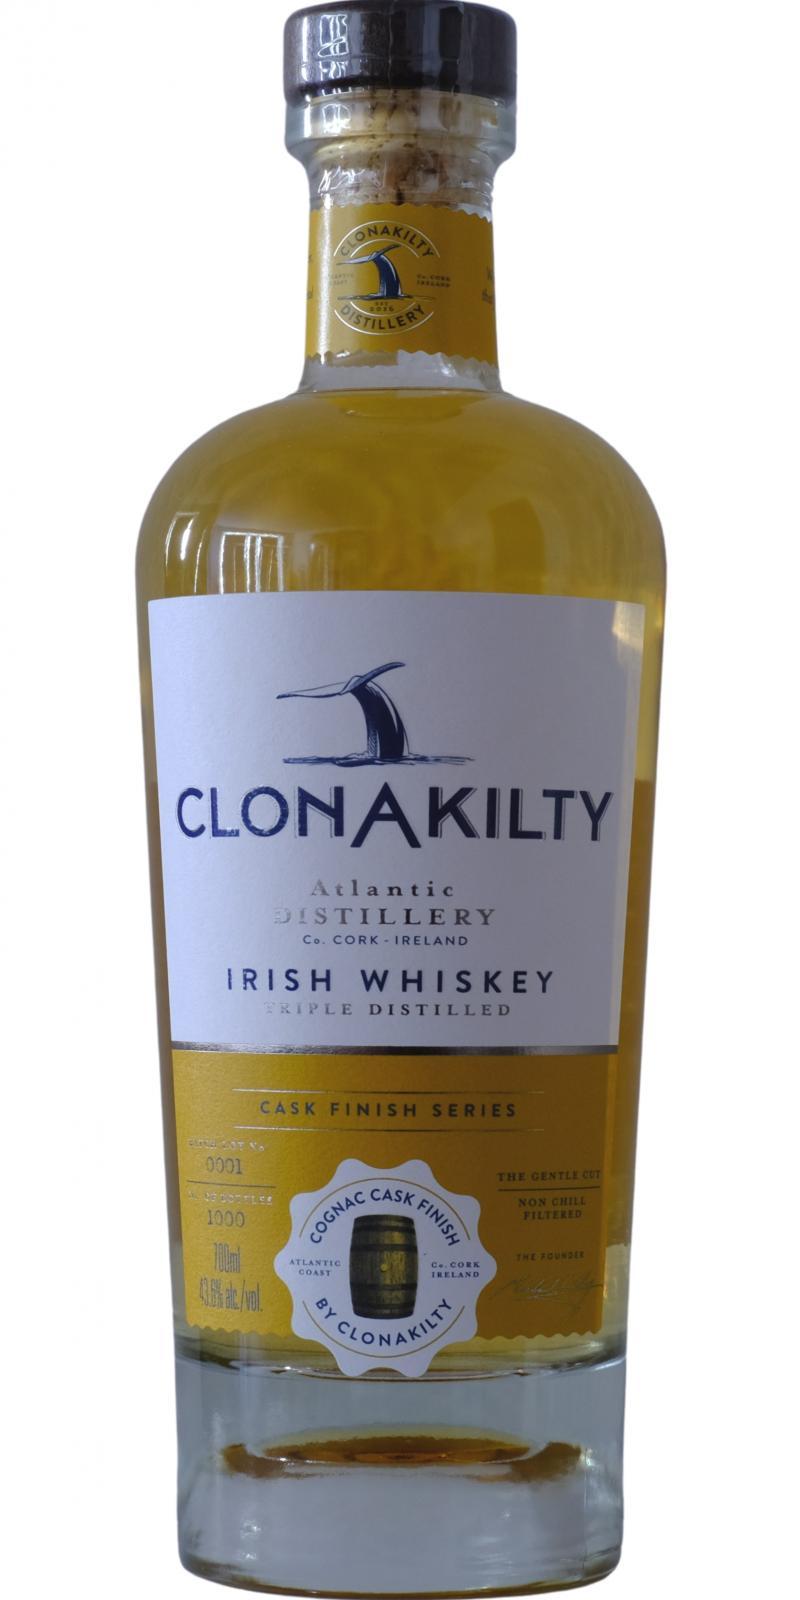 Clonakilty Cognac Cask Finish